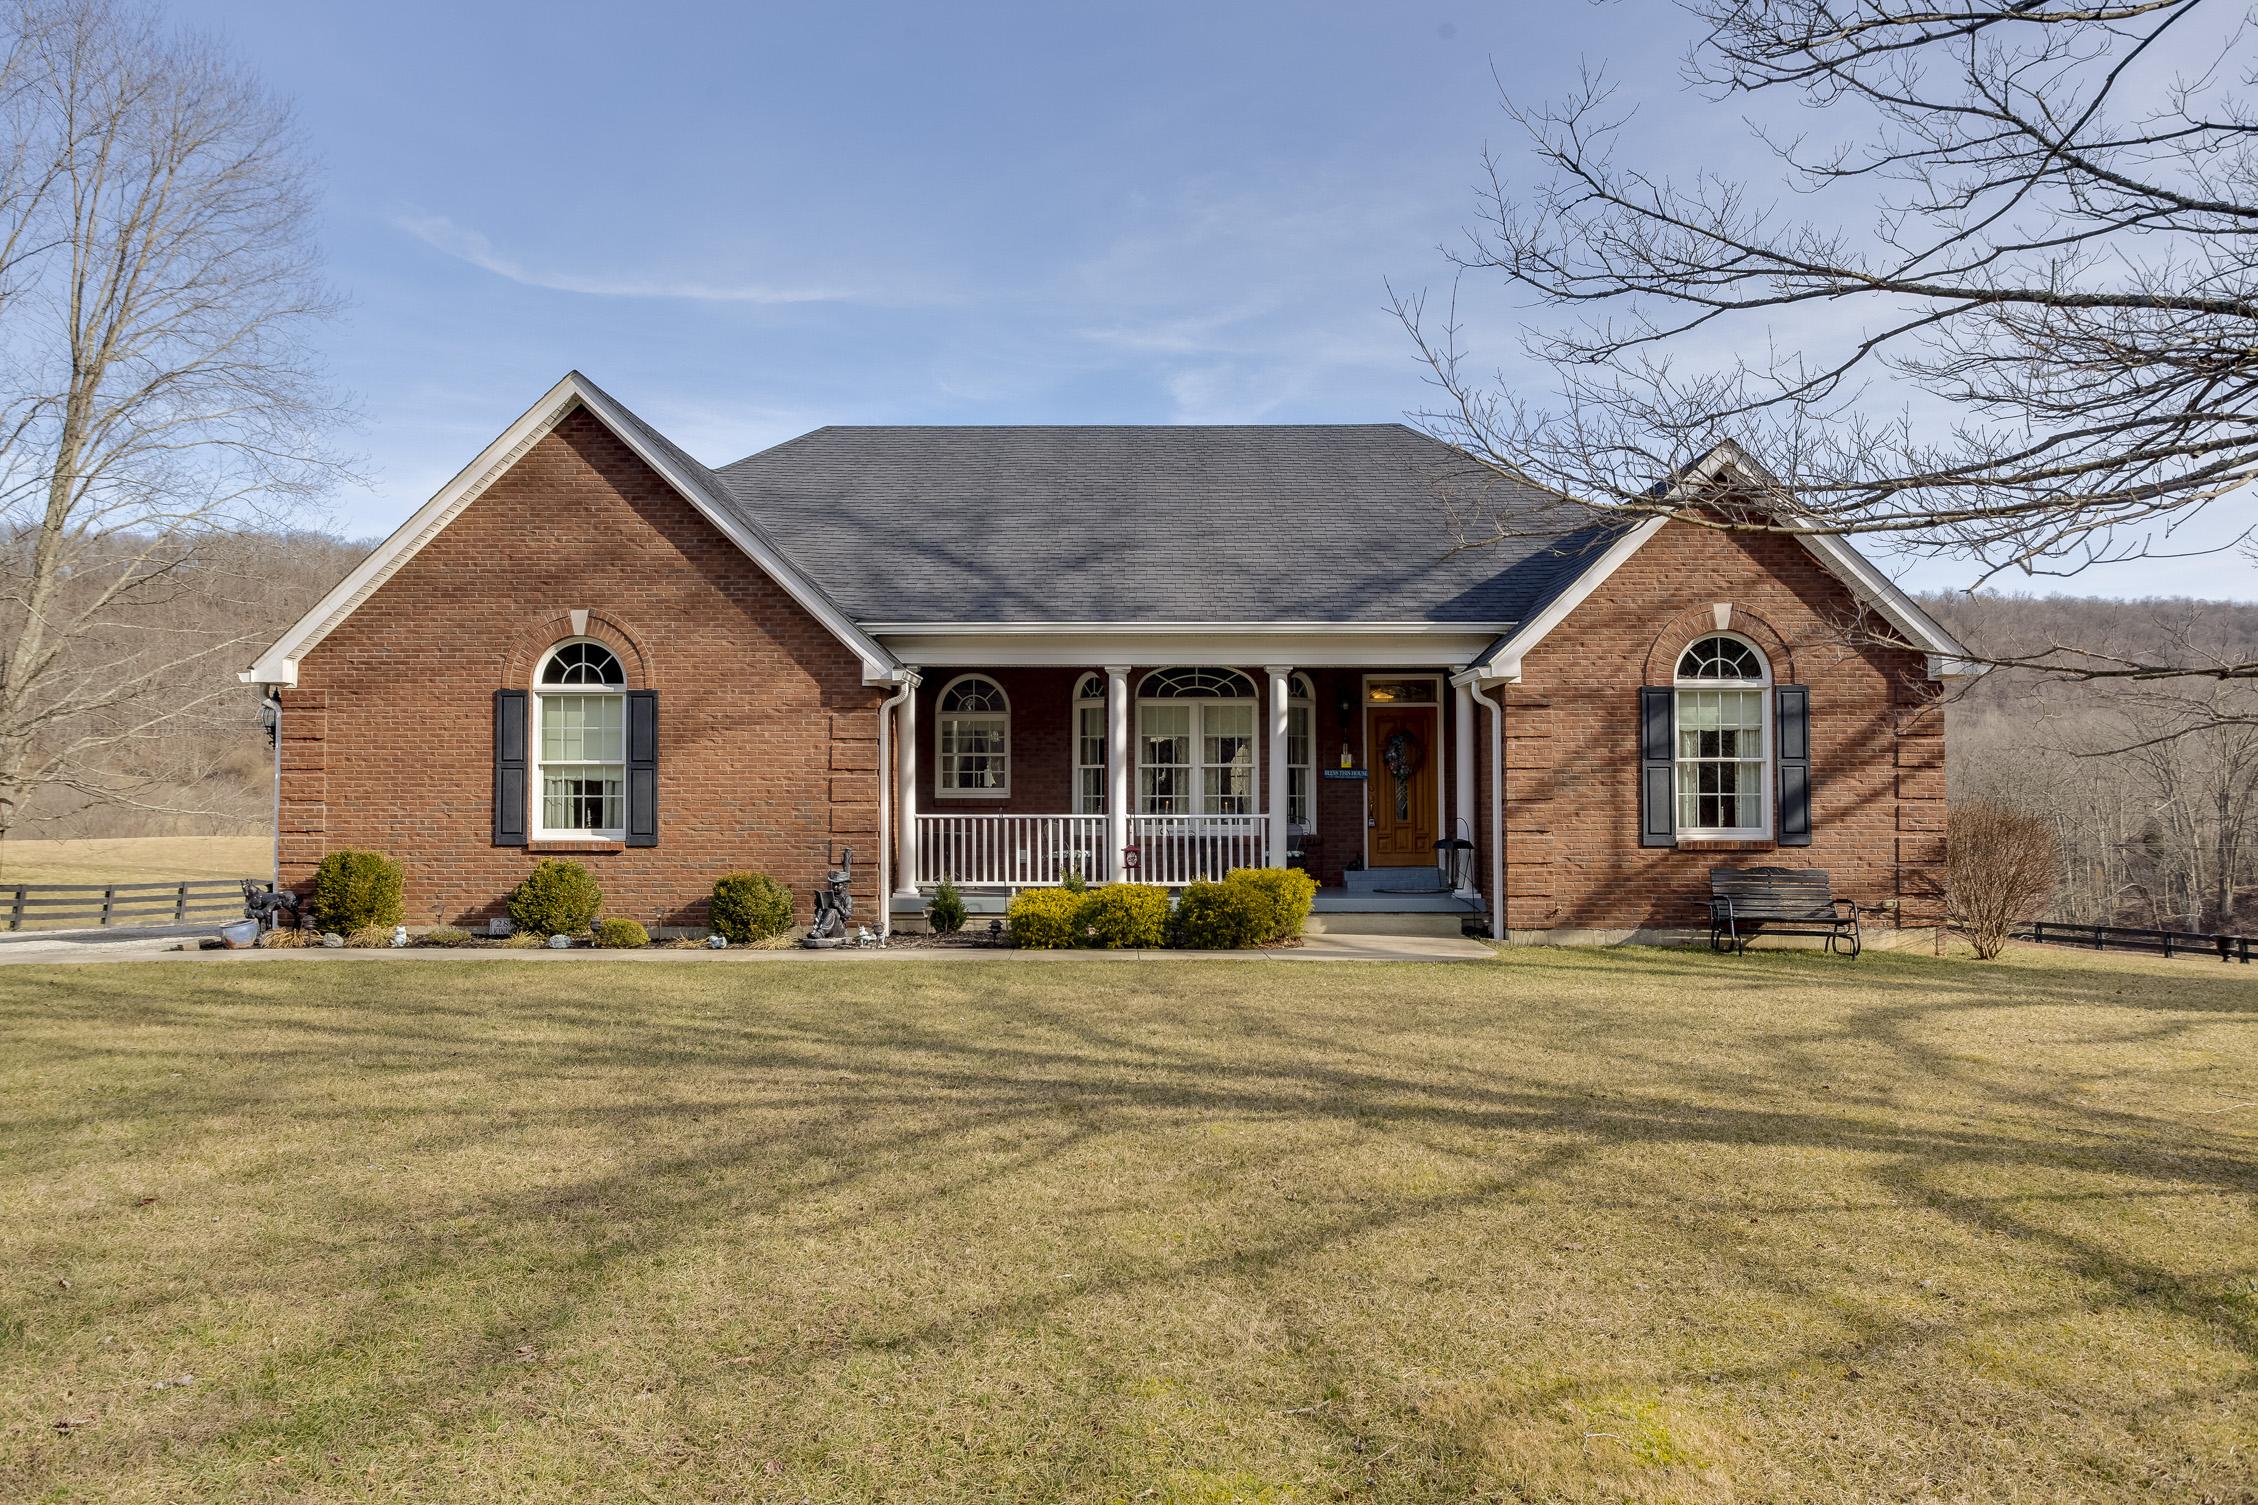 2801 W Hwy 42, Carrollton, Kentucky 41008